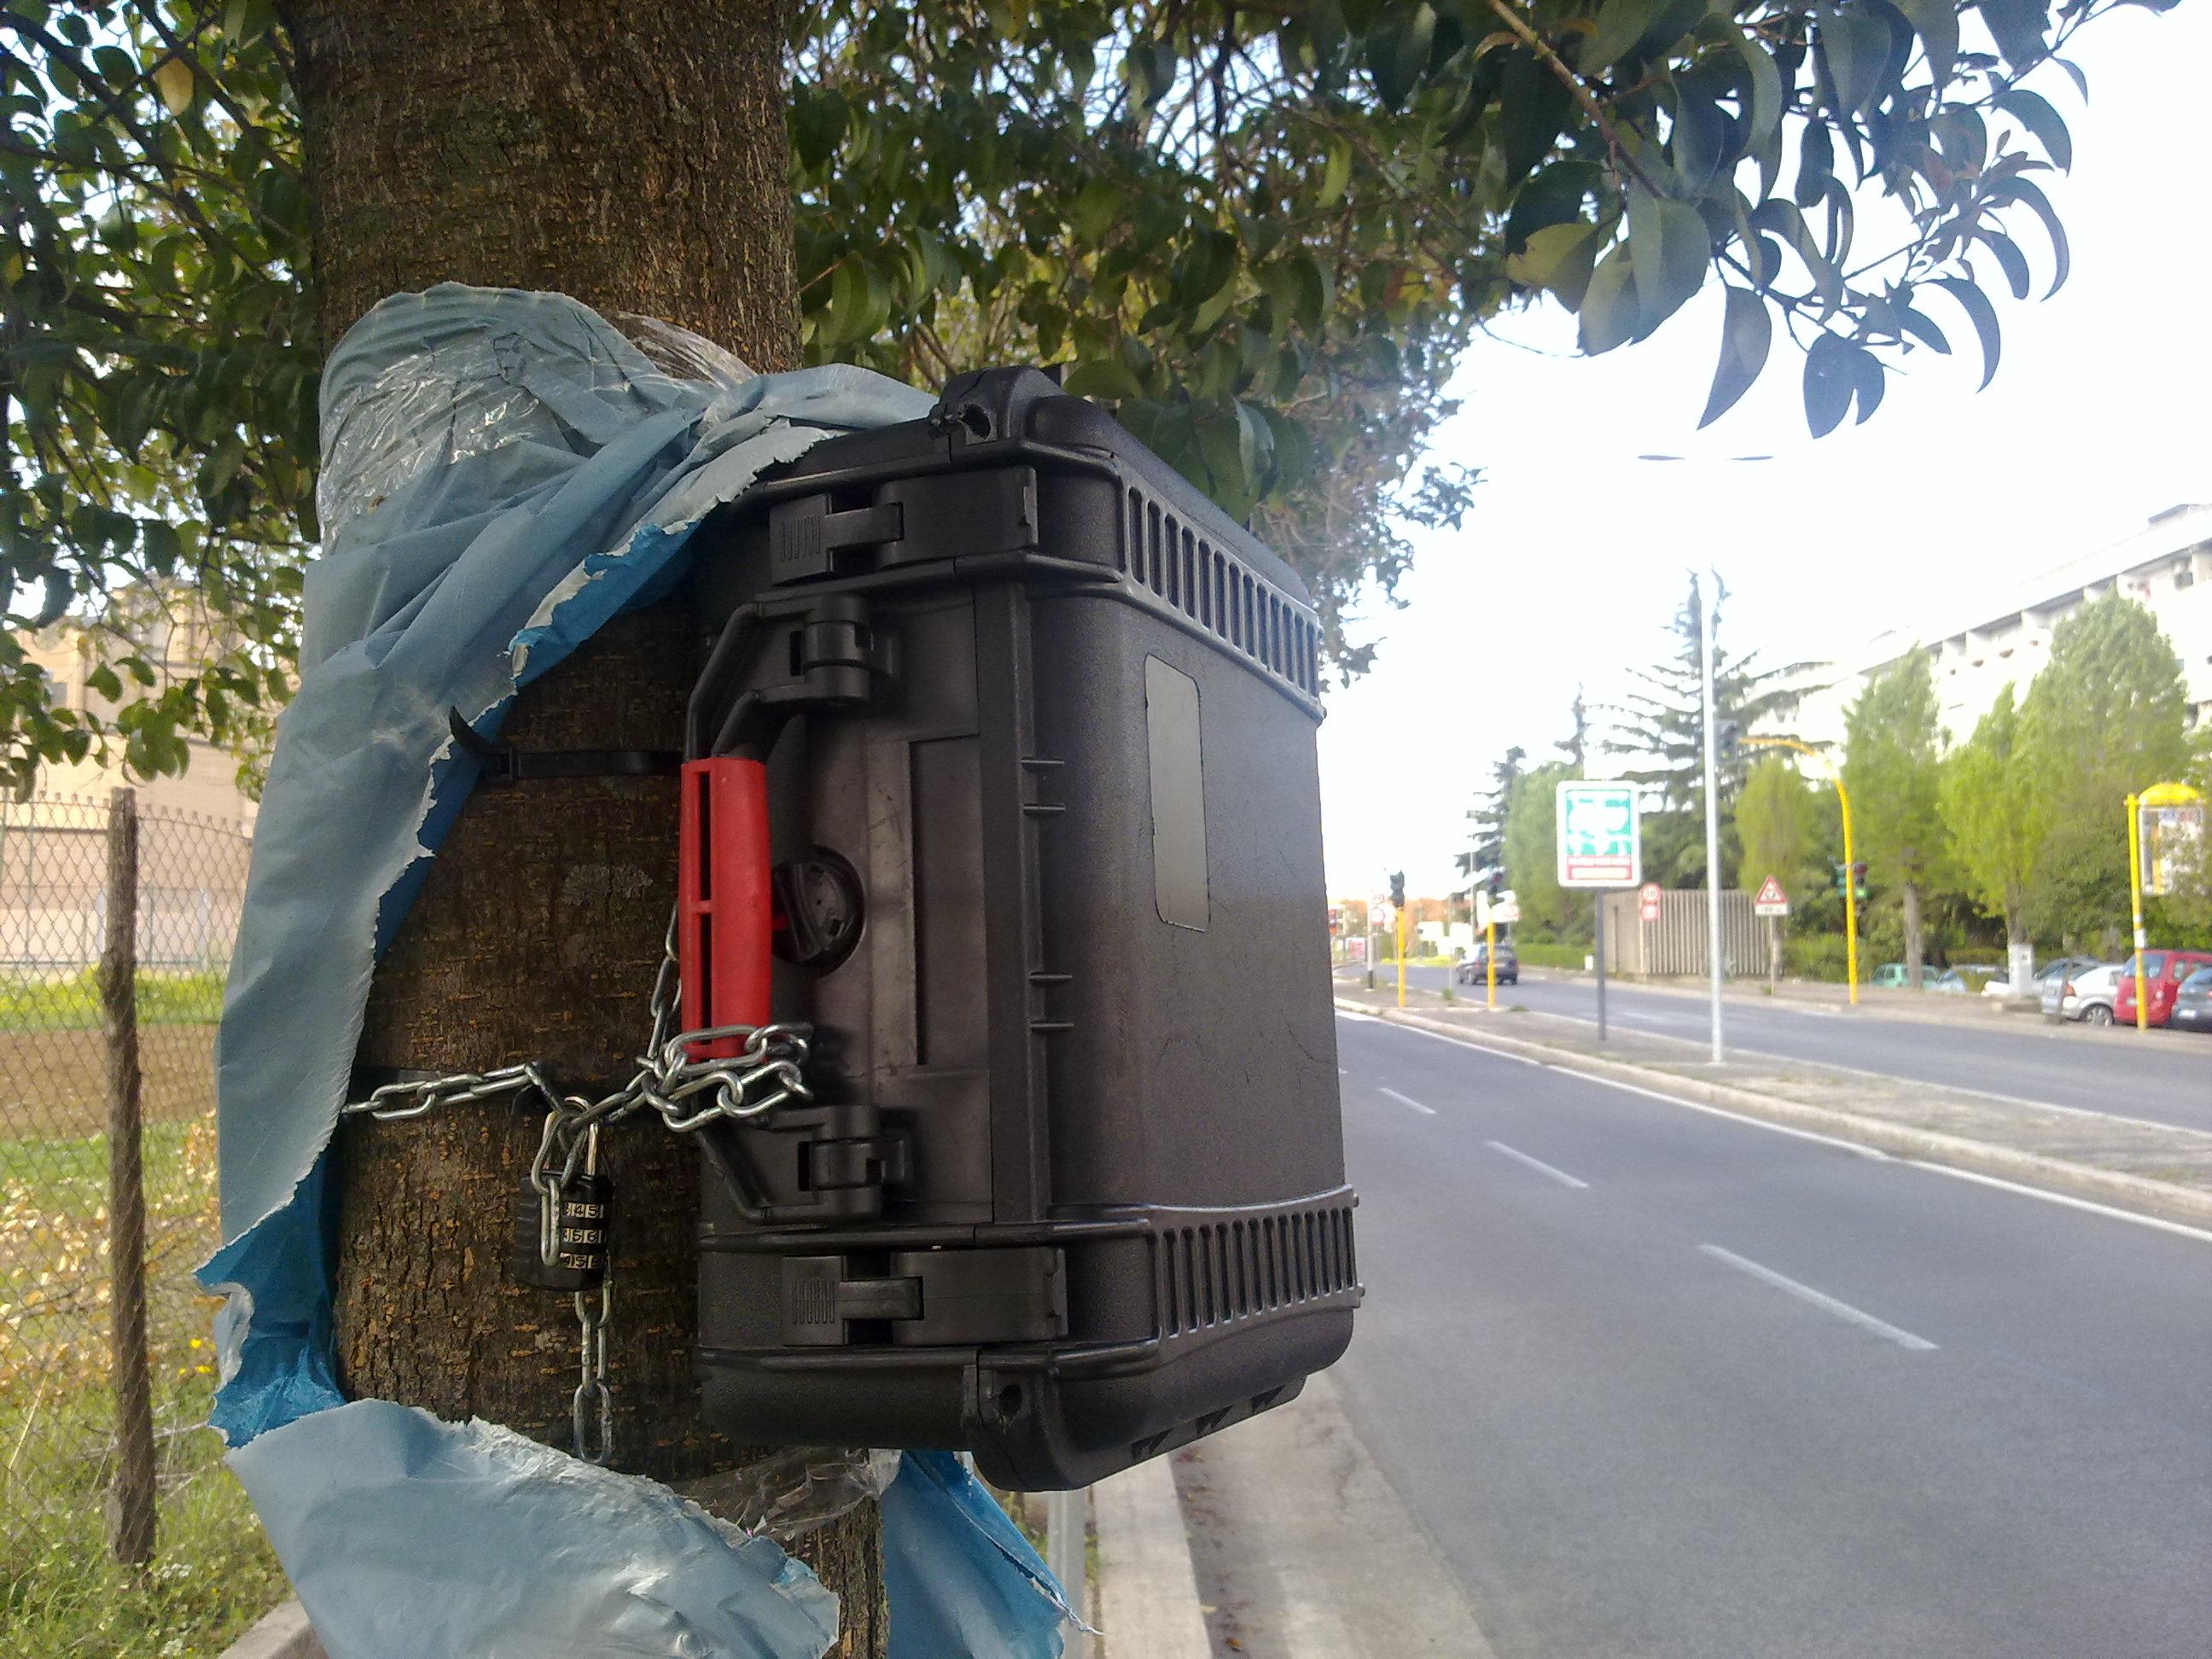 Roma iv municipio allarme bomba in via delle vigne nuove - Allarme bomba porta di roma ...